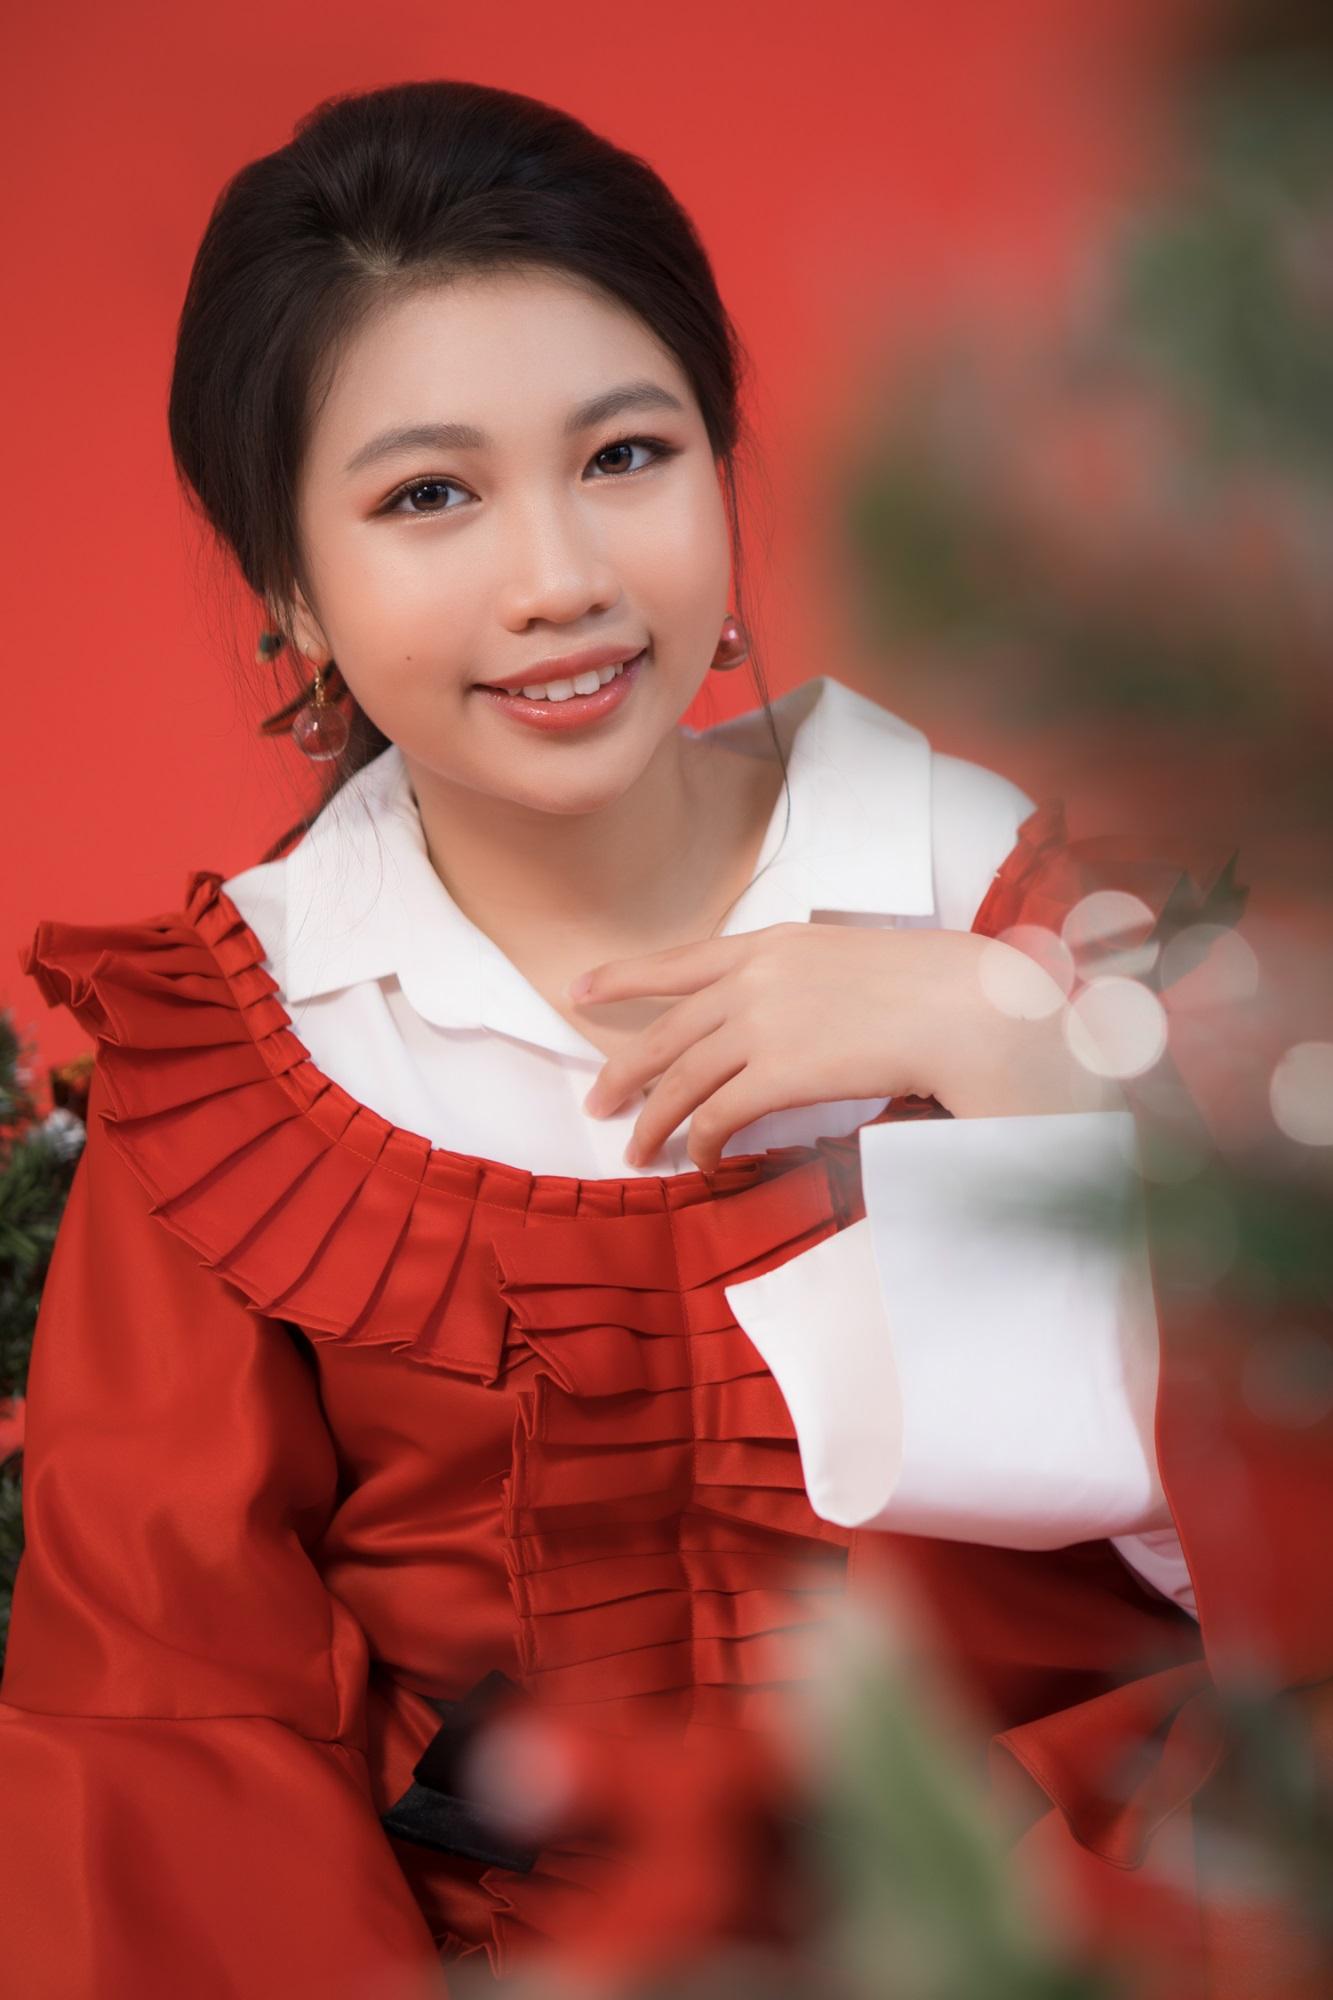 Hoa hậu Hoàn vũ nhí Ngọc Lan Vy 'lột xác' thành 'thiếu nữ' xinh đẹp trong bộ ảnh mừng Giáng sinh - Ảnh 9